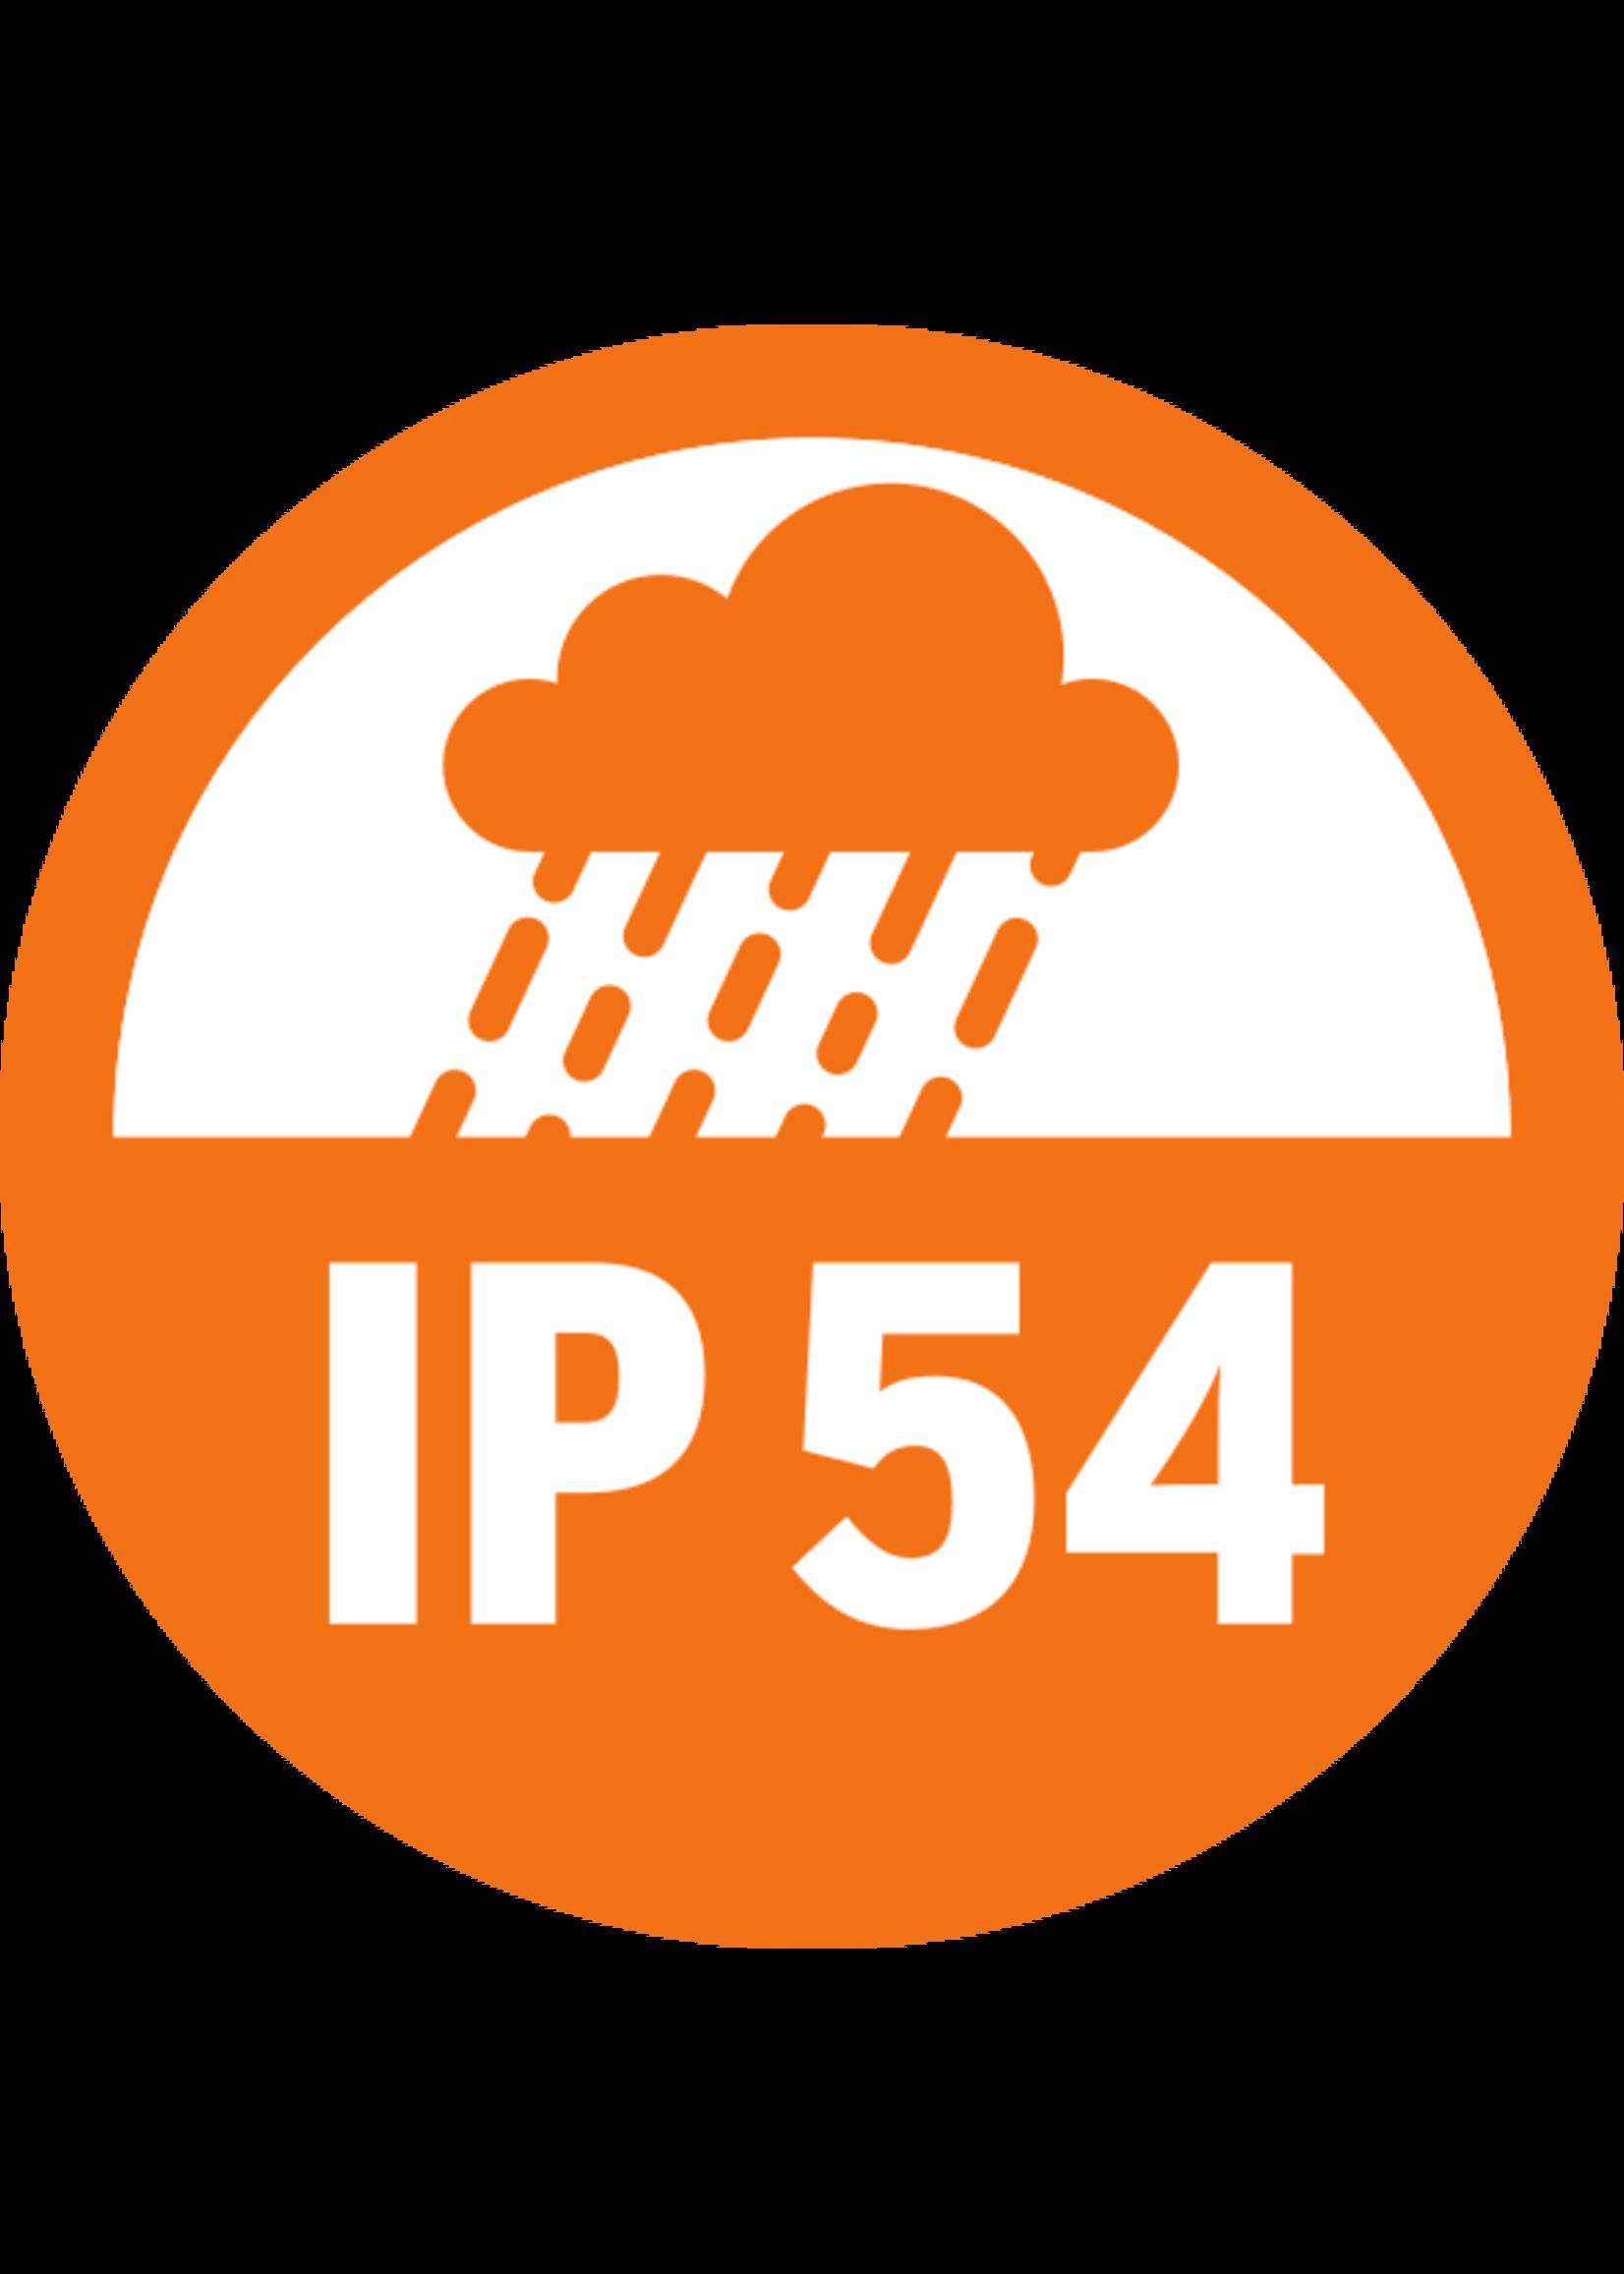 Brennenstuhl Brennenstuhl Profi stekkerblok 5m H07RN-F 3G2.5 IP54